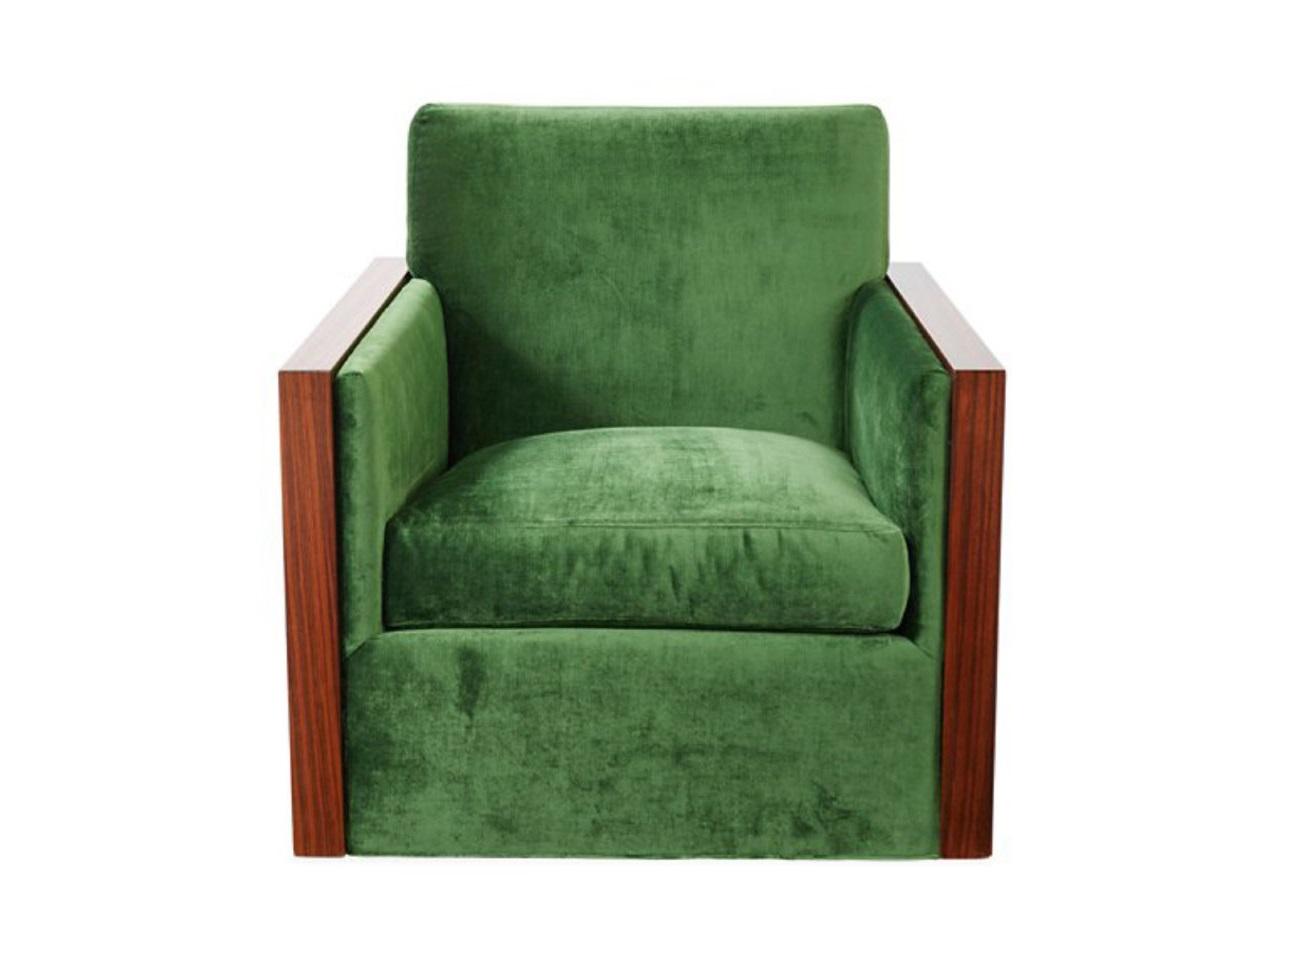 Кресло ArthurИнтерьерные кресла<br>Модель представлена в мягкой, бархатистой ткани микровелюр, известной своей способностью отлично пропускать воздух, отталкивать пыль, долгое время не протираясь и не теряя цвет.&amp;amp;nbsp;&amp;lt;div&amp;gt;Каркас кресла выполнен из шпона ореха.&amp;amp;nbsp;&amp;lt;/div&amp;gt;&amp;lt;div&amp;gt;Можно подобрать ткань на Ваш вкус из других коллекций.&amp;amp;nbsp;&amp;lt;/div&amp;gt;&amp;lt;div&amp;gt;Также вы можете выбрать мягкость кресла, выбрав наполнитель.&amp;lt;/div&amp;gt;<br><br>Material: Текстиль<br>Ширина см: 83.0<br>Высота см: 81.0<br>Глубина см: 94.0